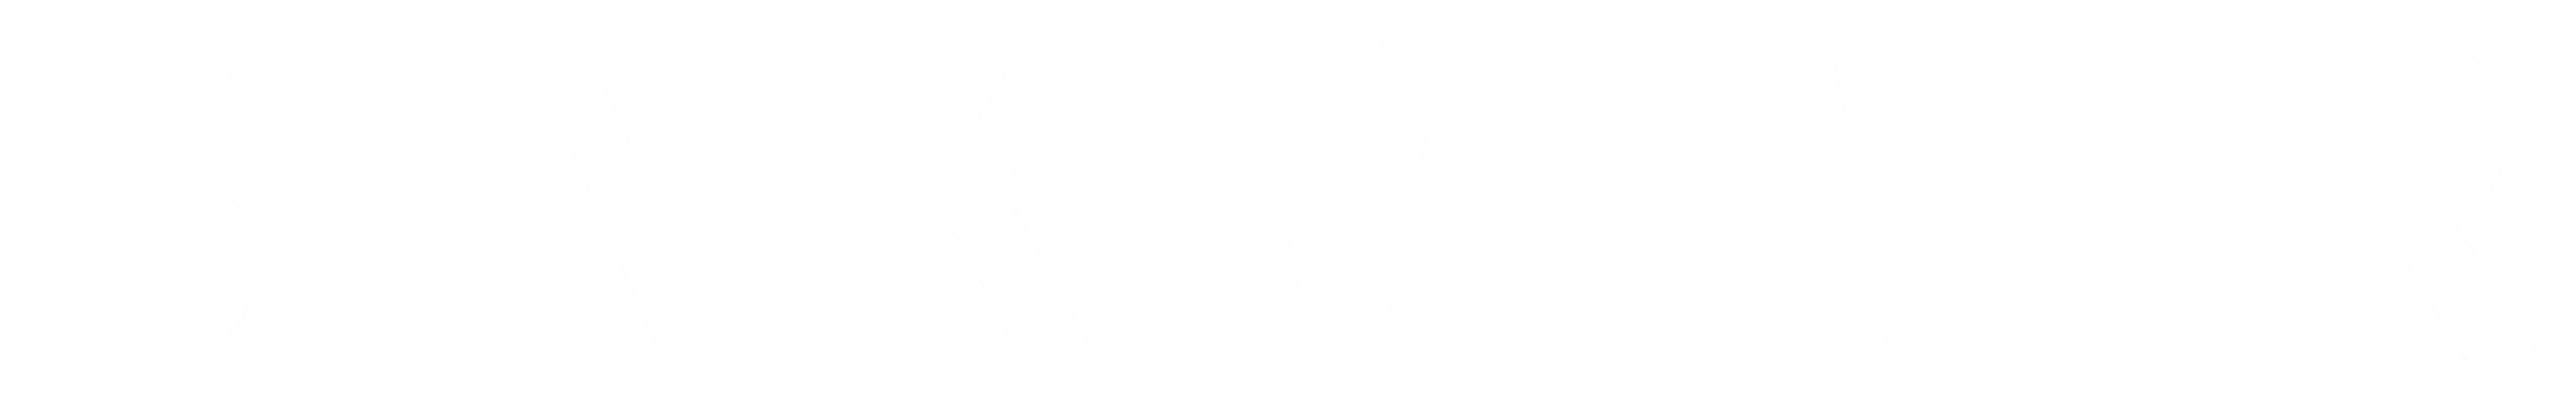 BenKweller-Logo-White.png